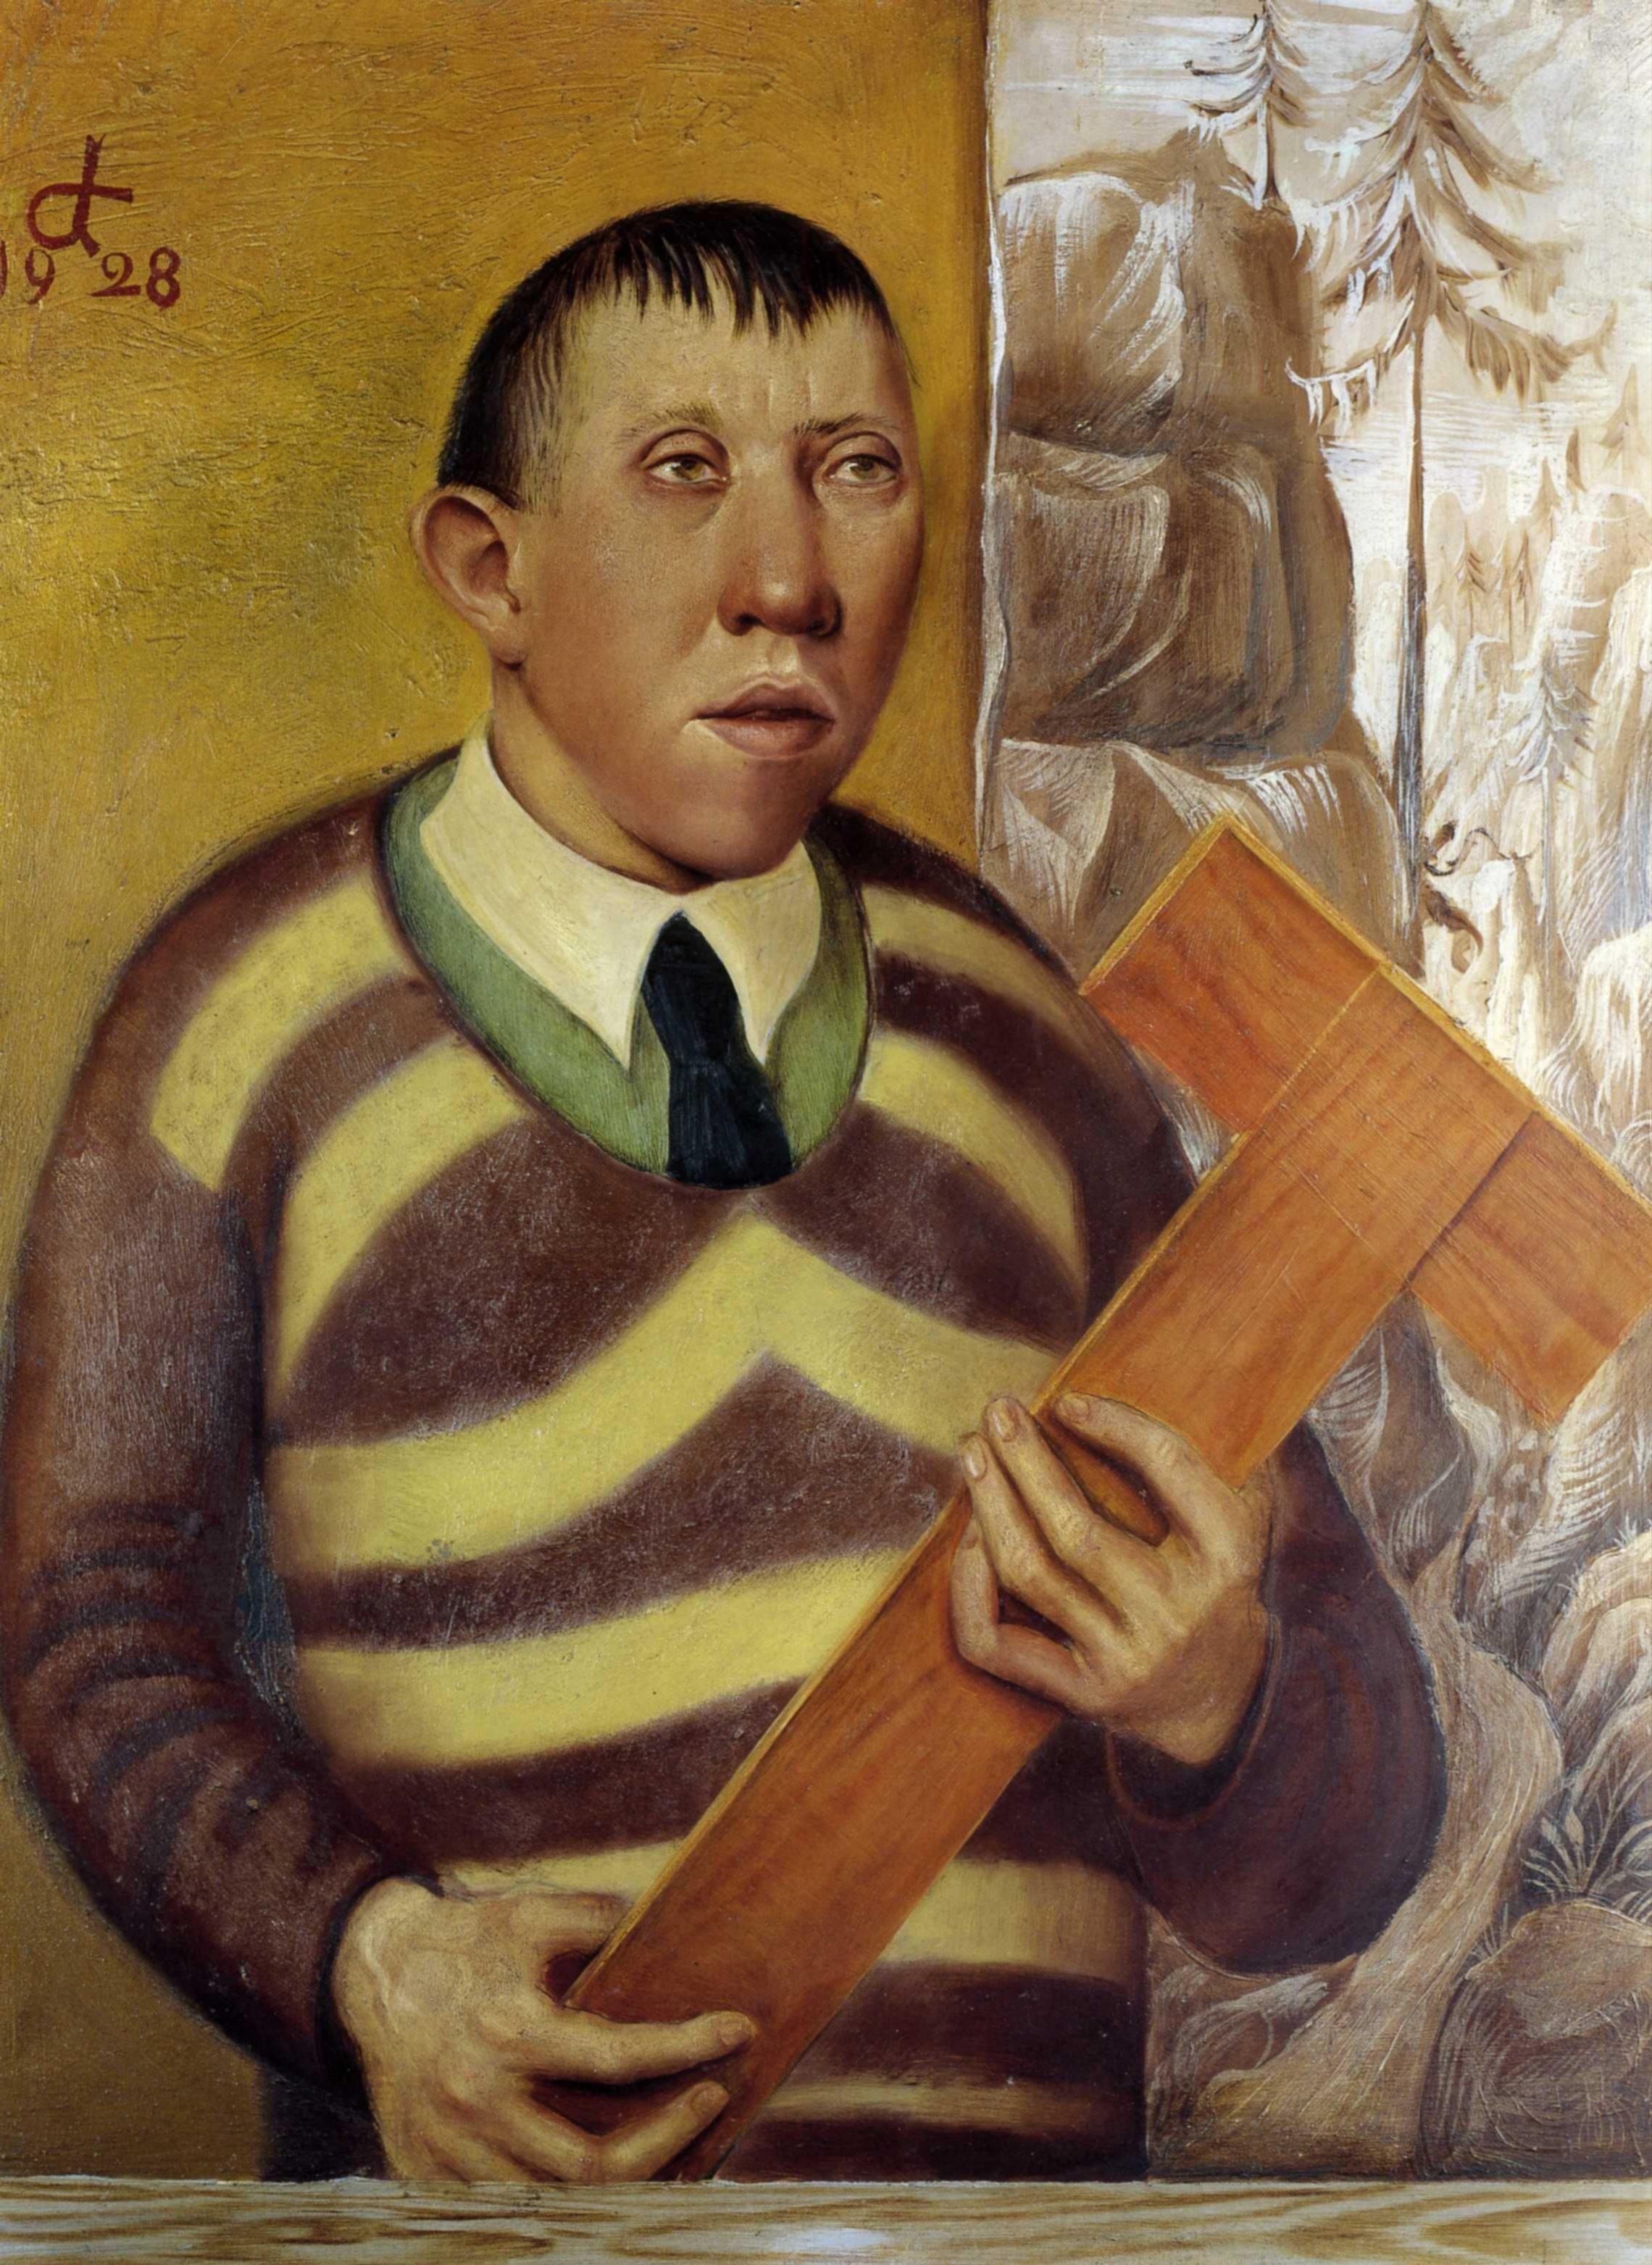 Отто Дикс. Портрет Франца Радзивилла. 1928